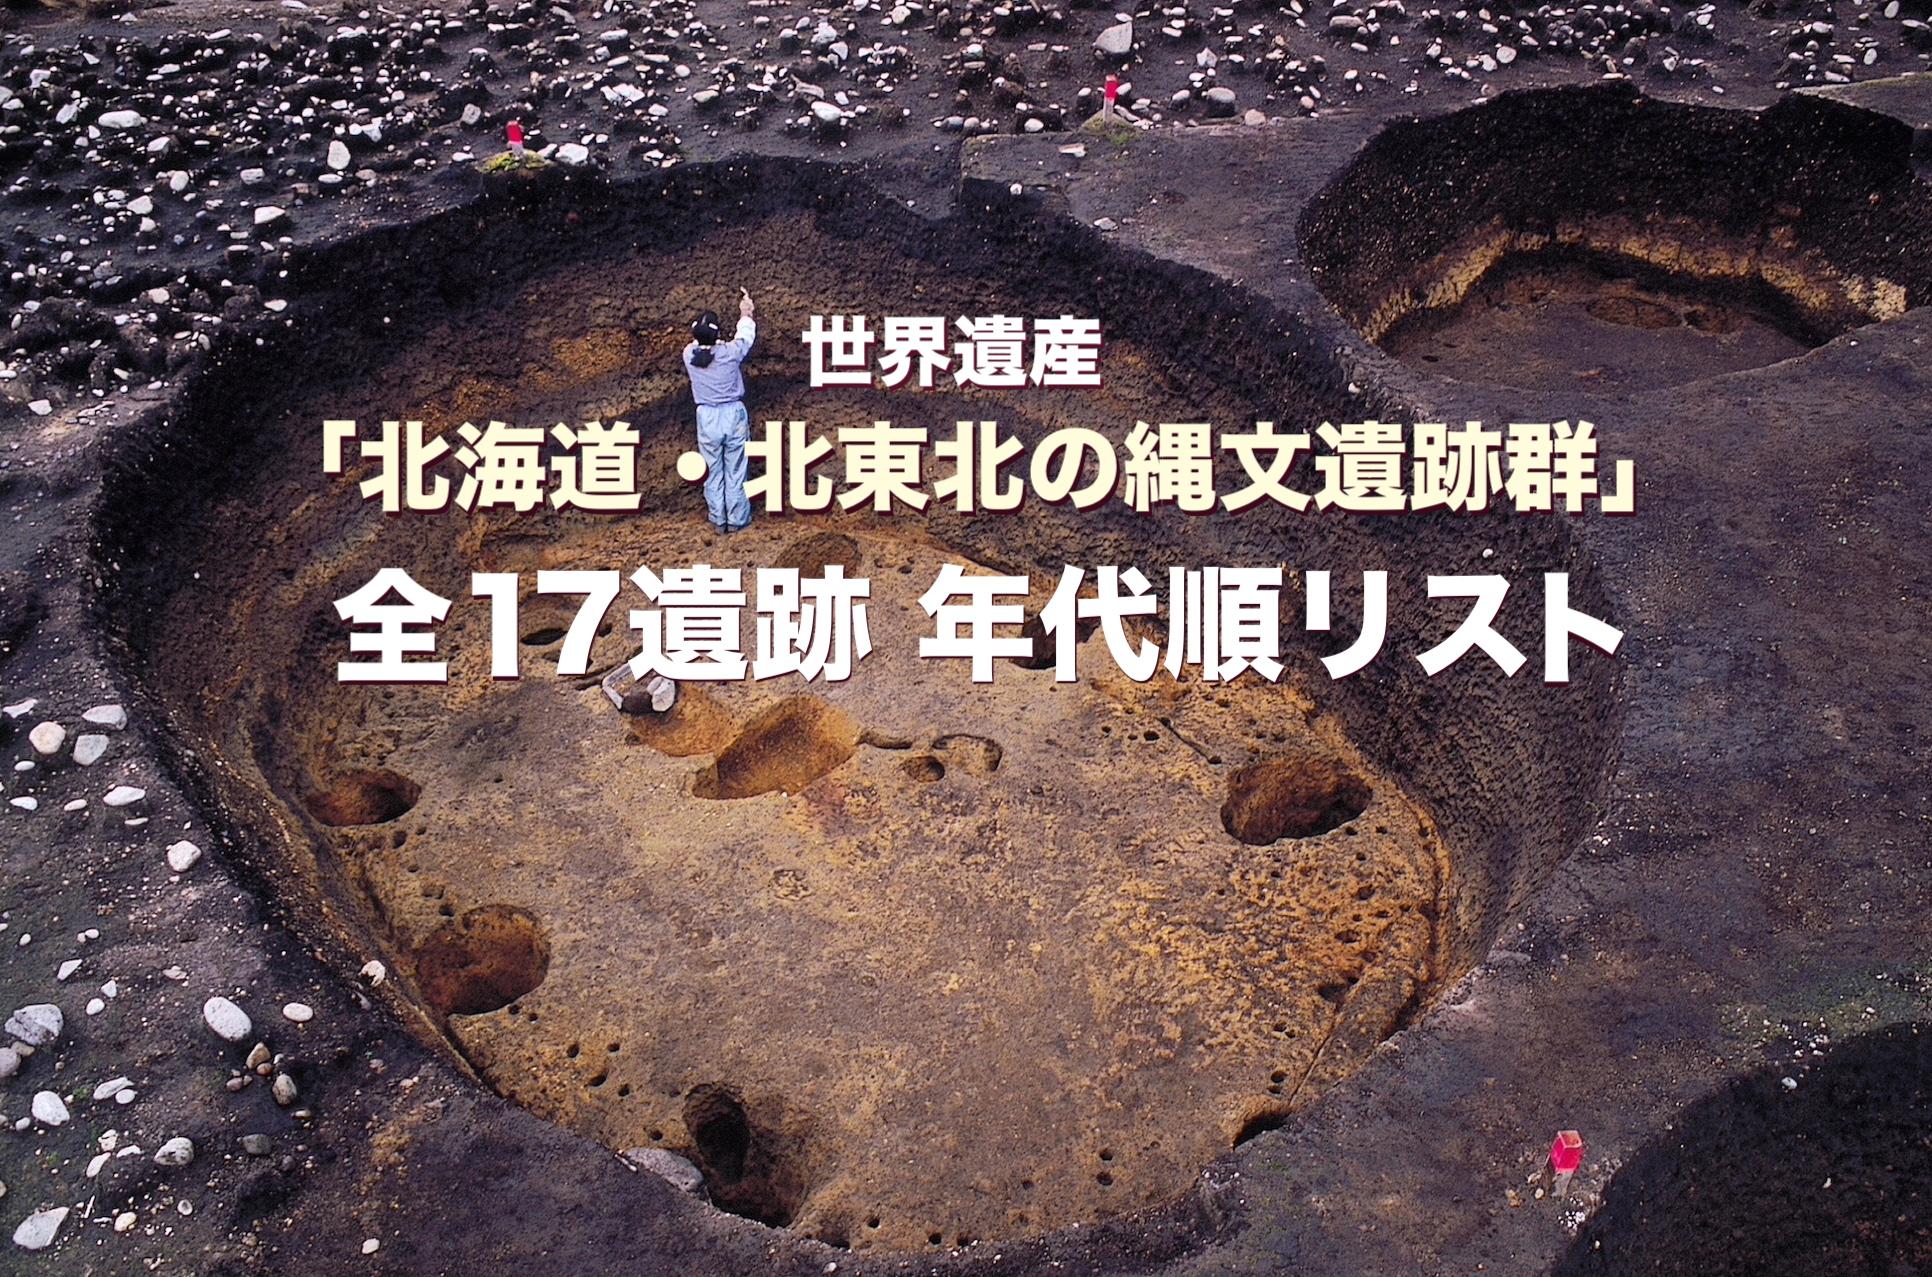 世界遺産「北海道・北東北の縄文遺跡群」 全17遺跡 年代順リスト